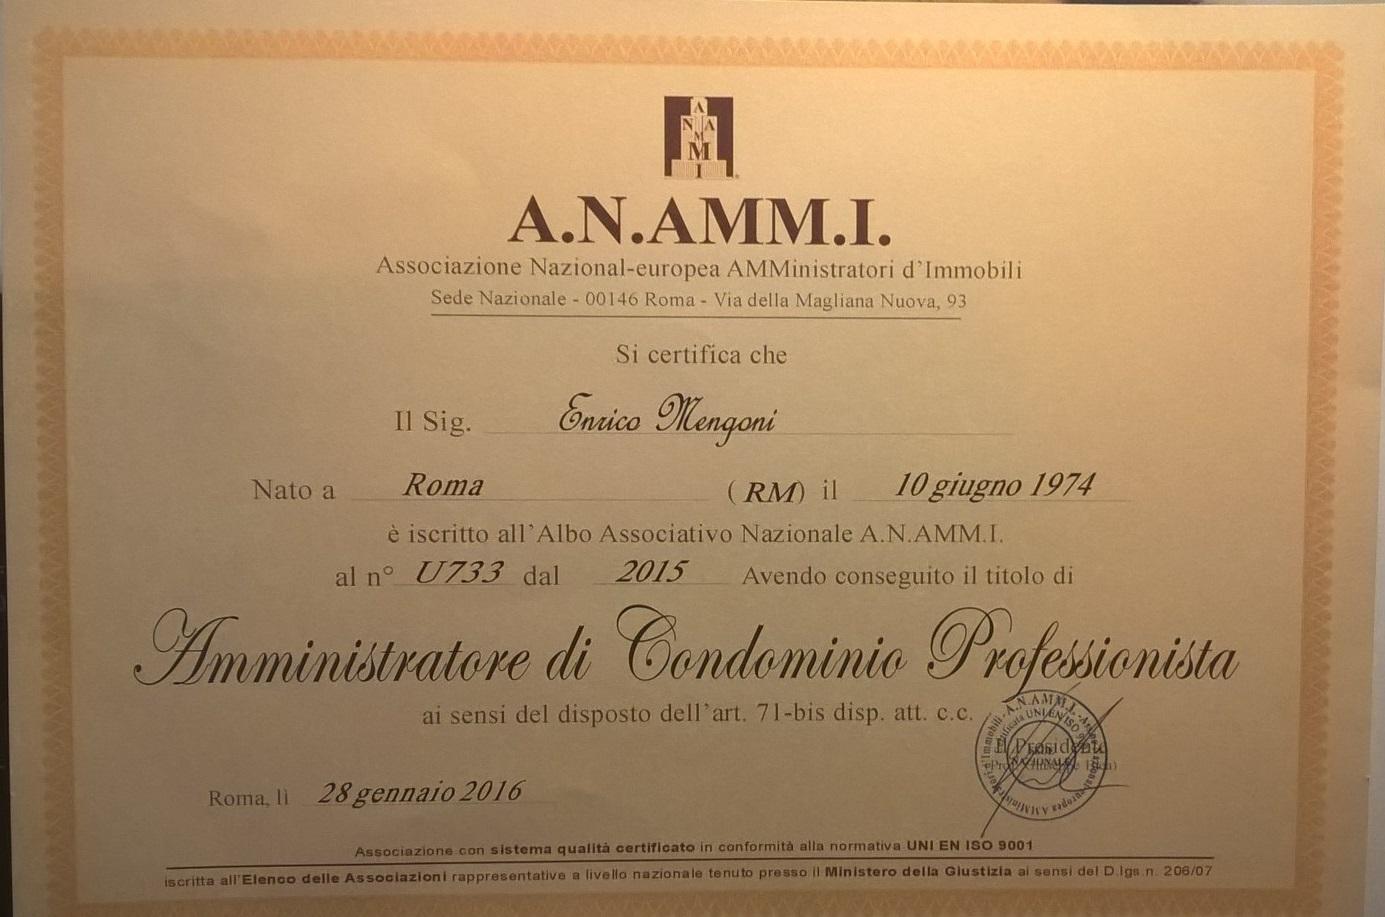 ATTESTATO di QUALIFICA AMMINISTRATORE PROFESSIONISTA A.N.AMM.I.